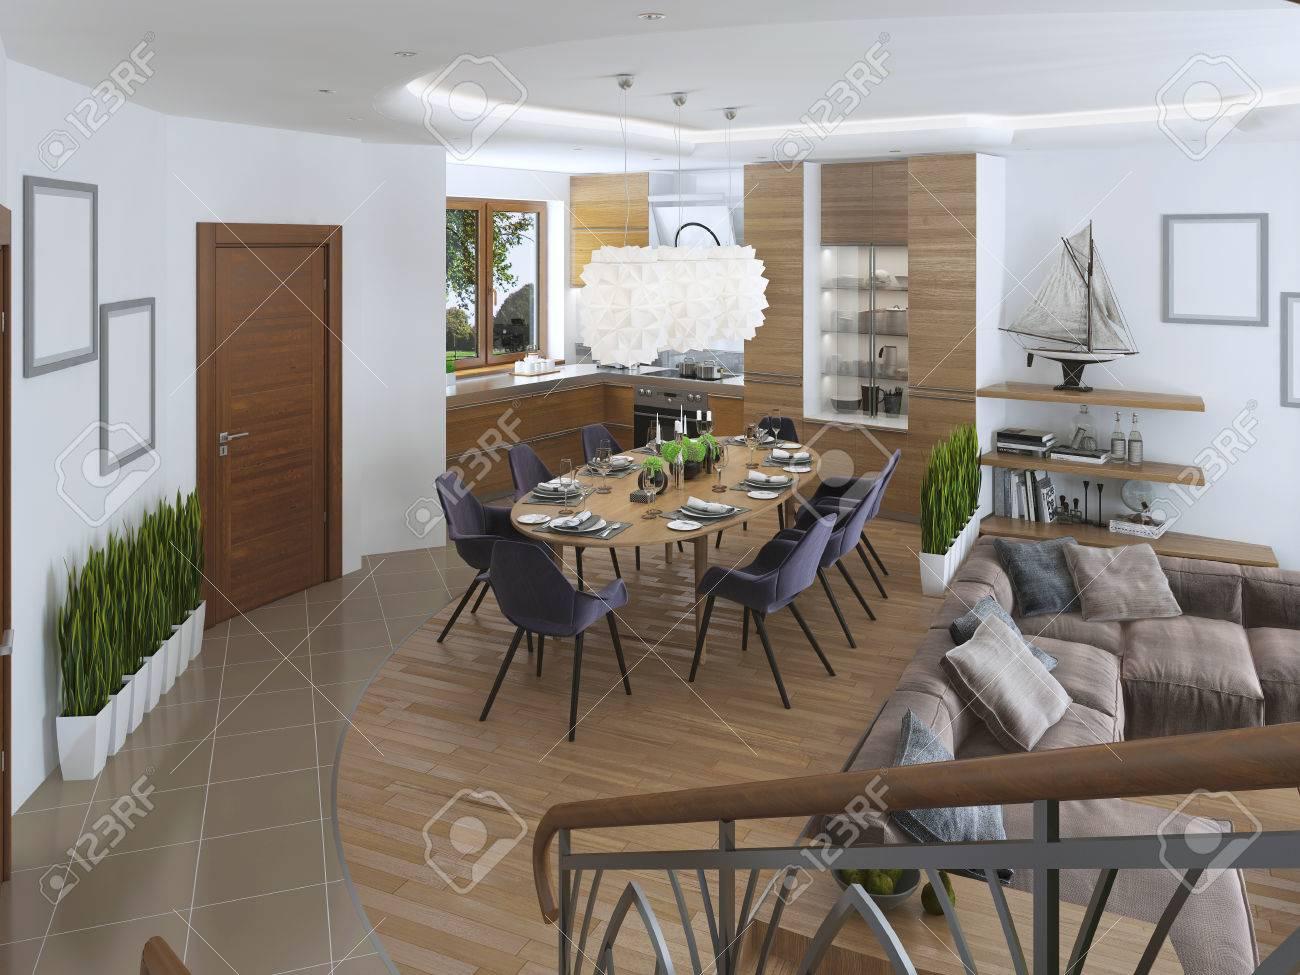 Credenza Con Cucina : Immagini stock la stanza è un monolocale con cucina e zona